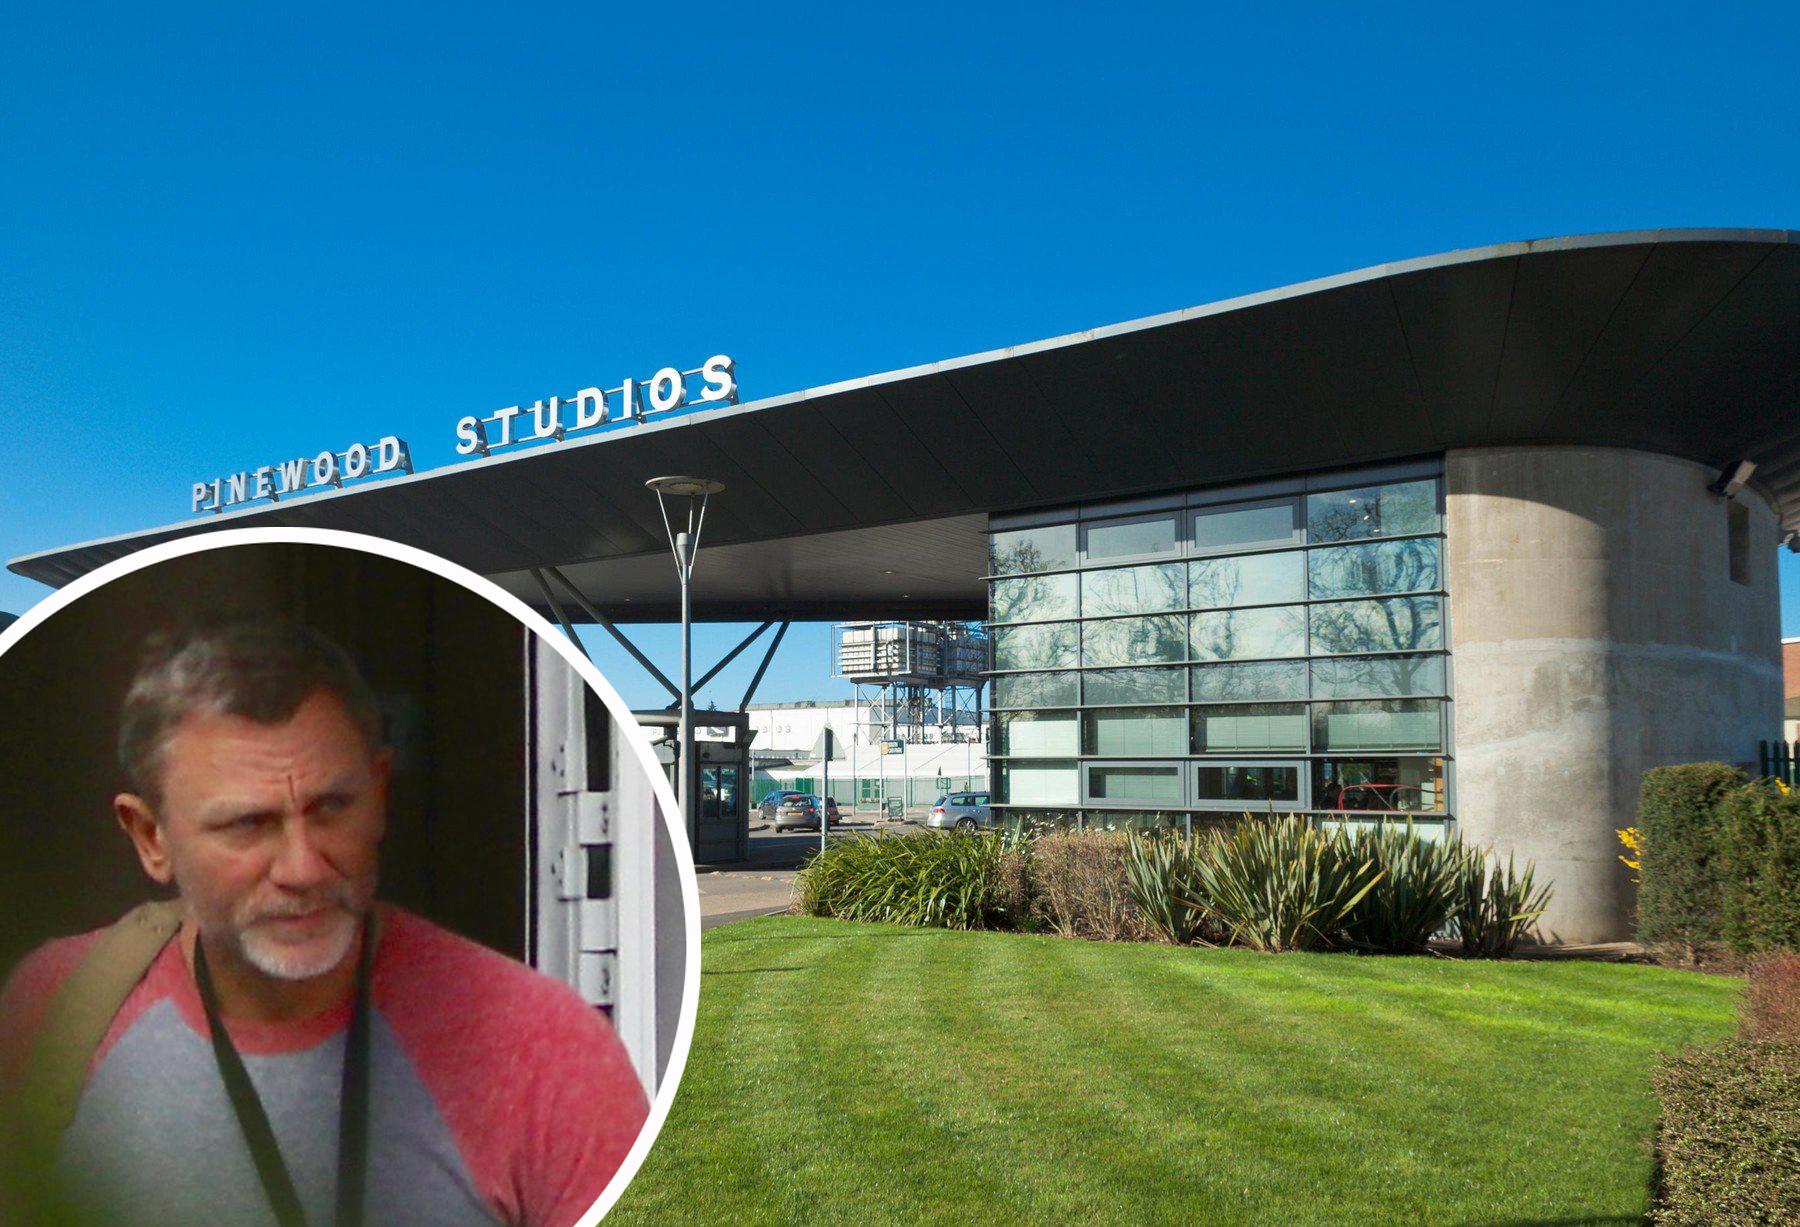 Pinewood Studios gdje se dogodila nesreća i Daniegl Craig (u krugu)